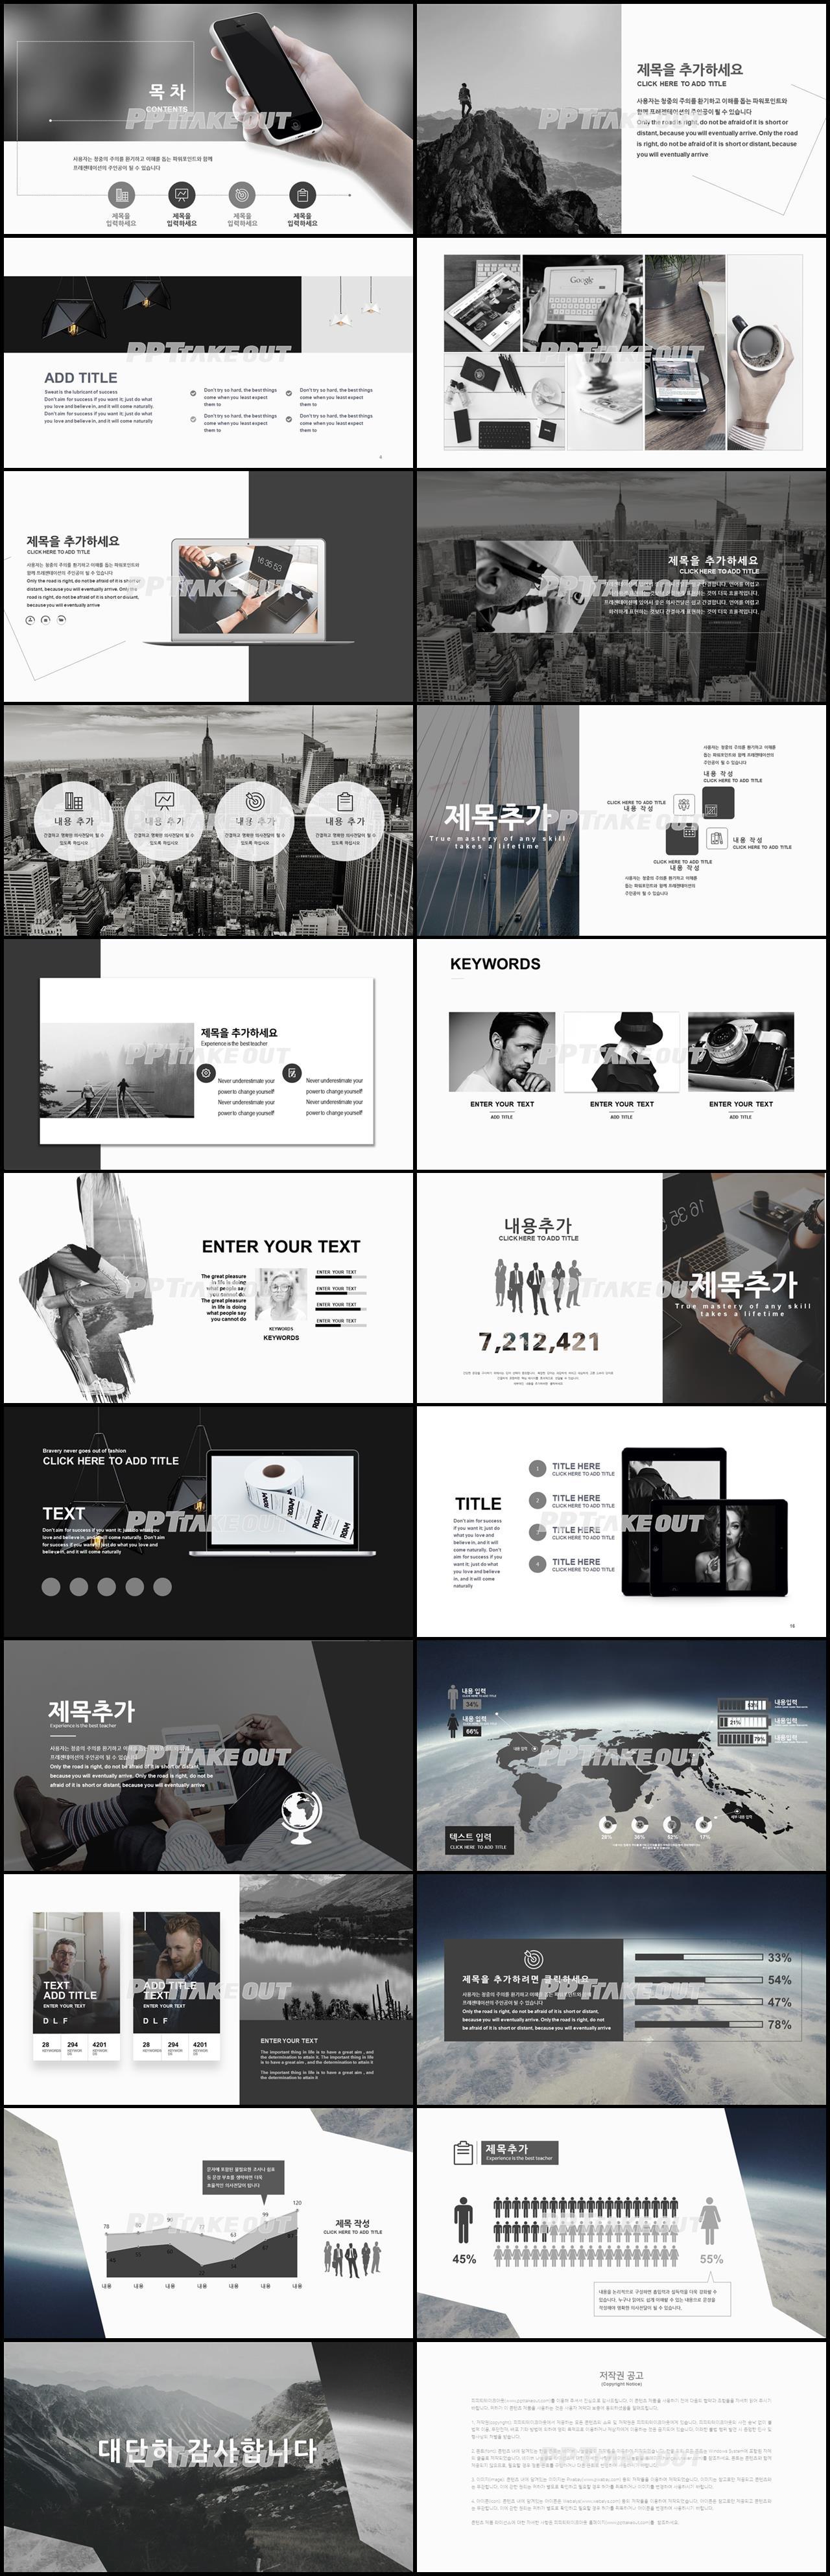 비즈니스 검정색 현대적인 다양한 주제에 어울리는 POWERPOINT탬플릿 디자인 상세보기